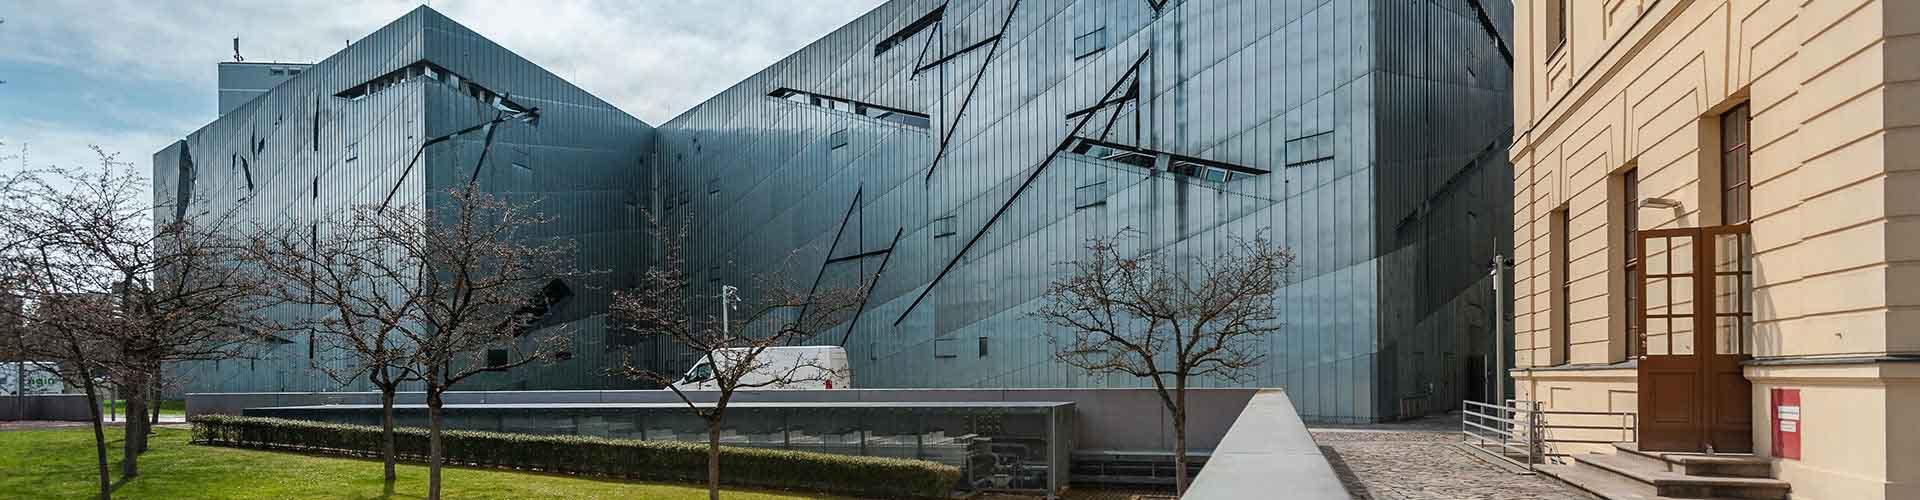 베를린 - 베를린 유대인 박물관 에 가까운 호스텔. 베를린의 지도, 베를린에 위치한 호스텔에 대한 사진 및 리뷰.